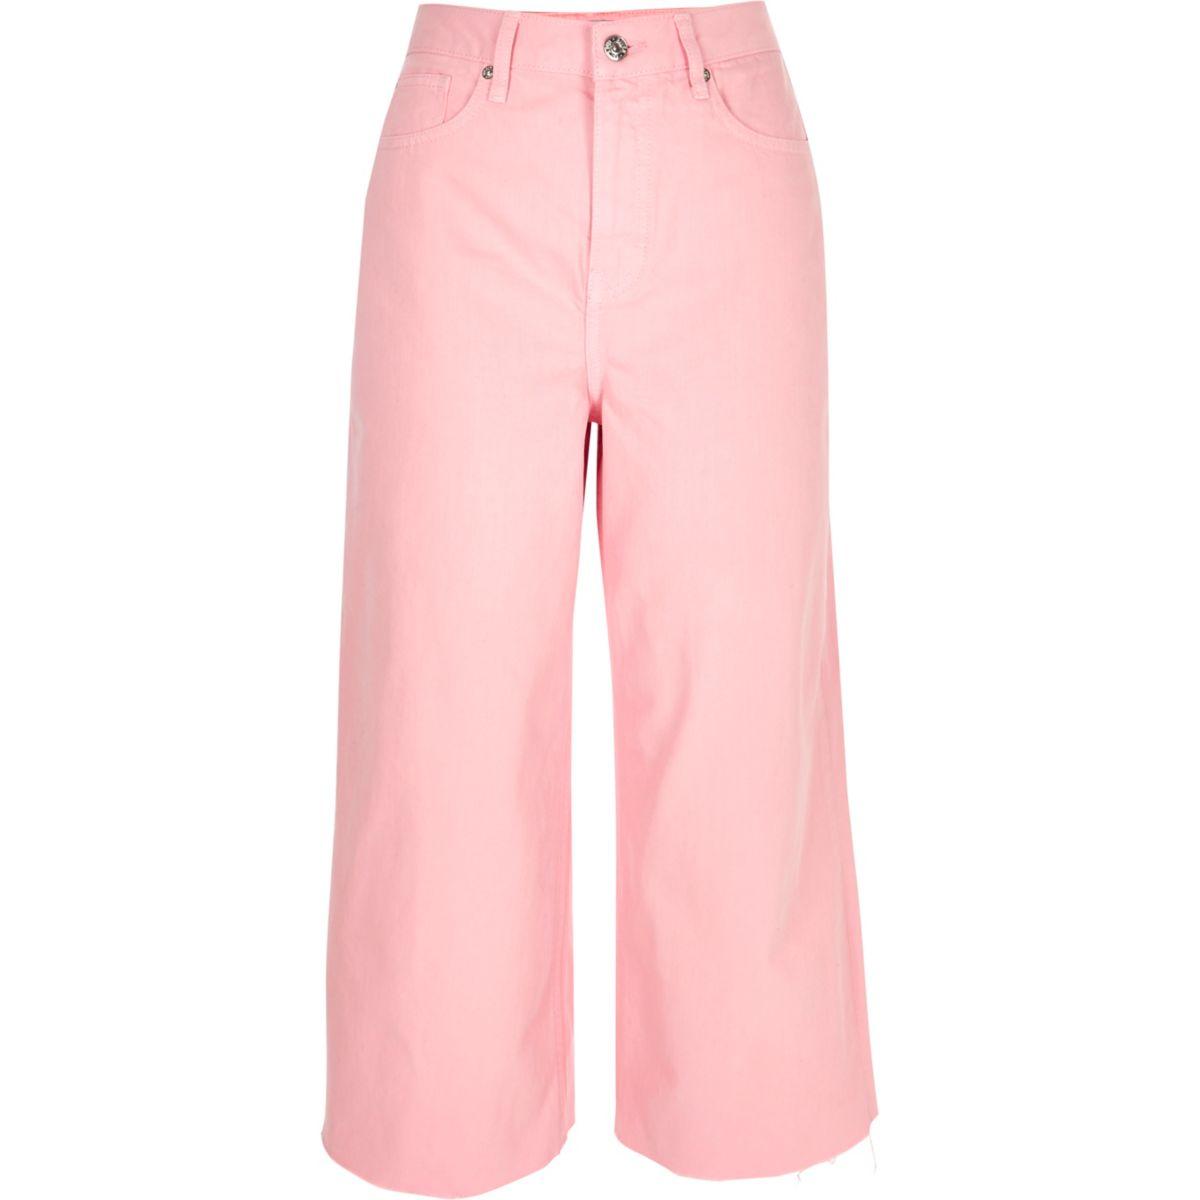 Alexa - Roze cropped jeans met wijde pijpen